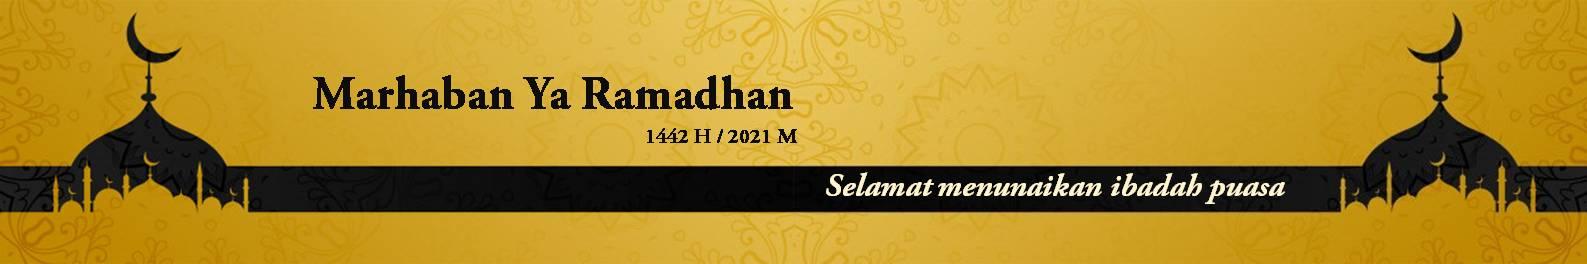 Banner marhaban ramadhan